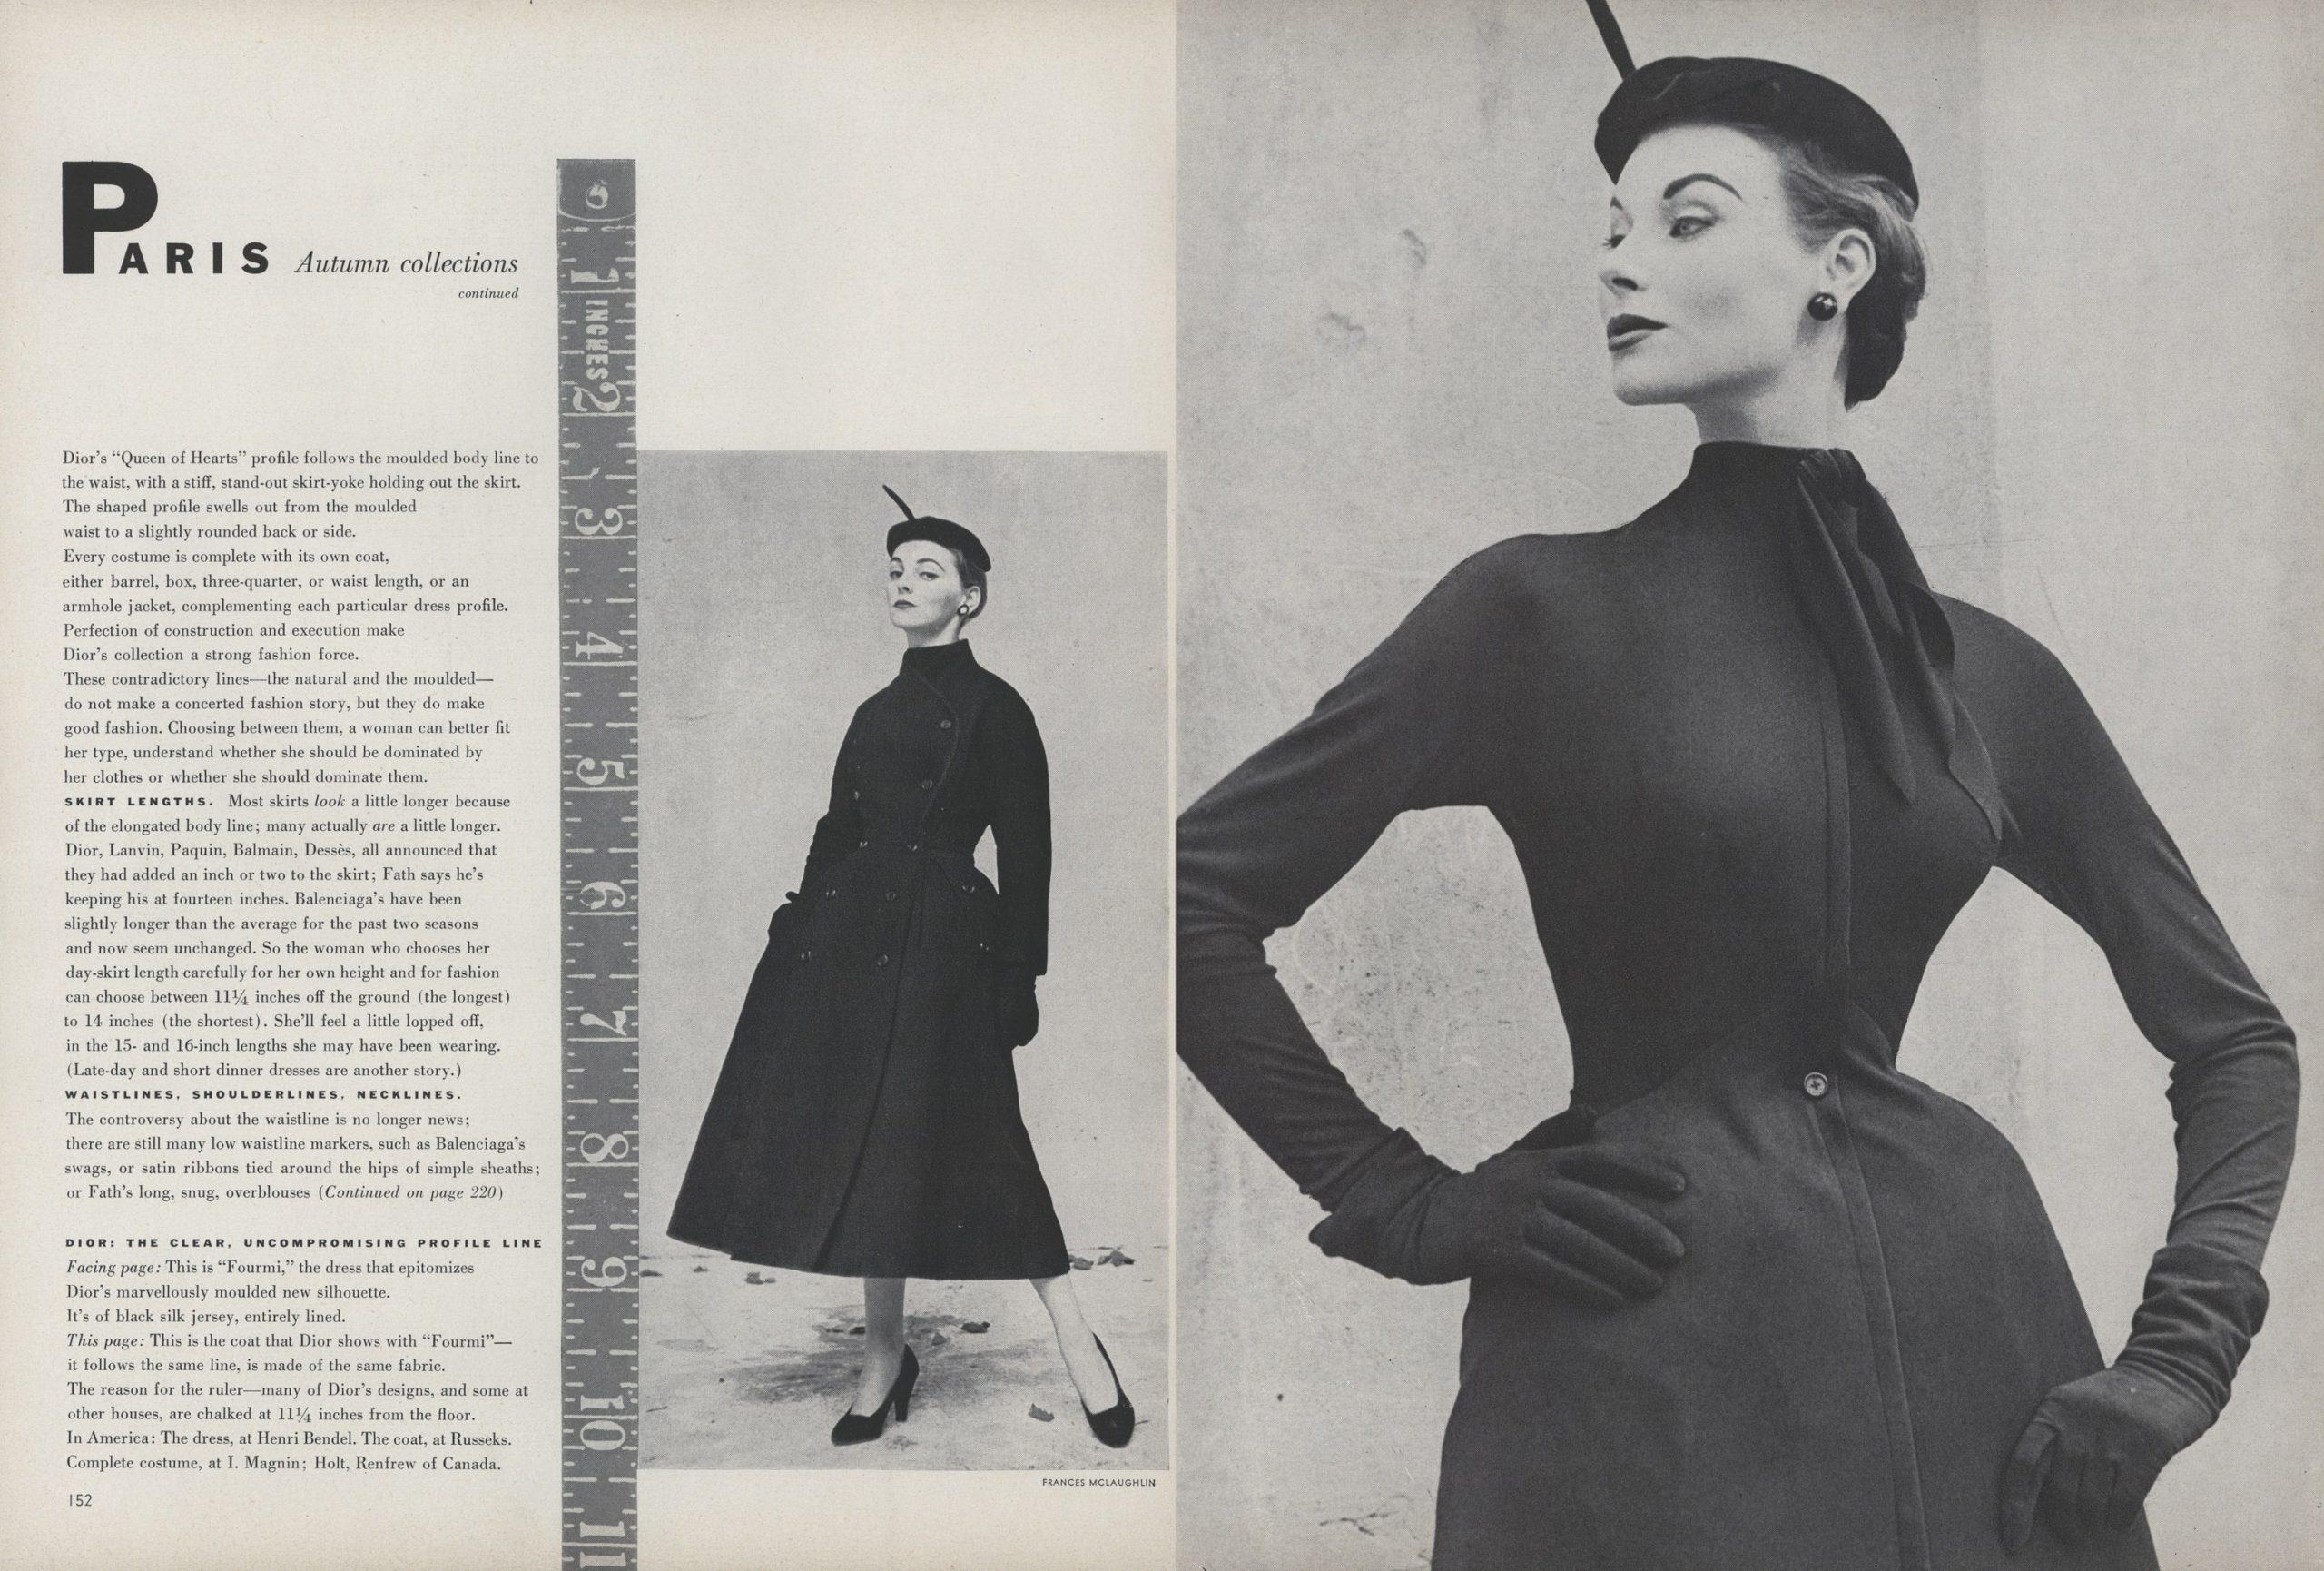 Vintage Fashion Mistake to Avoid